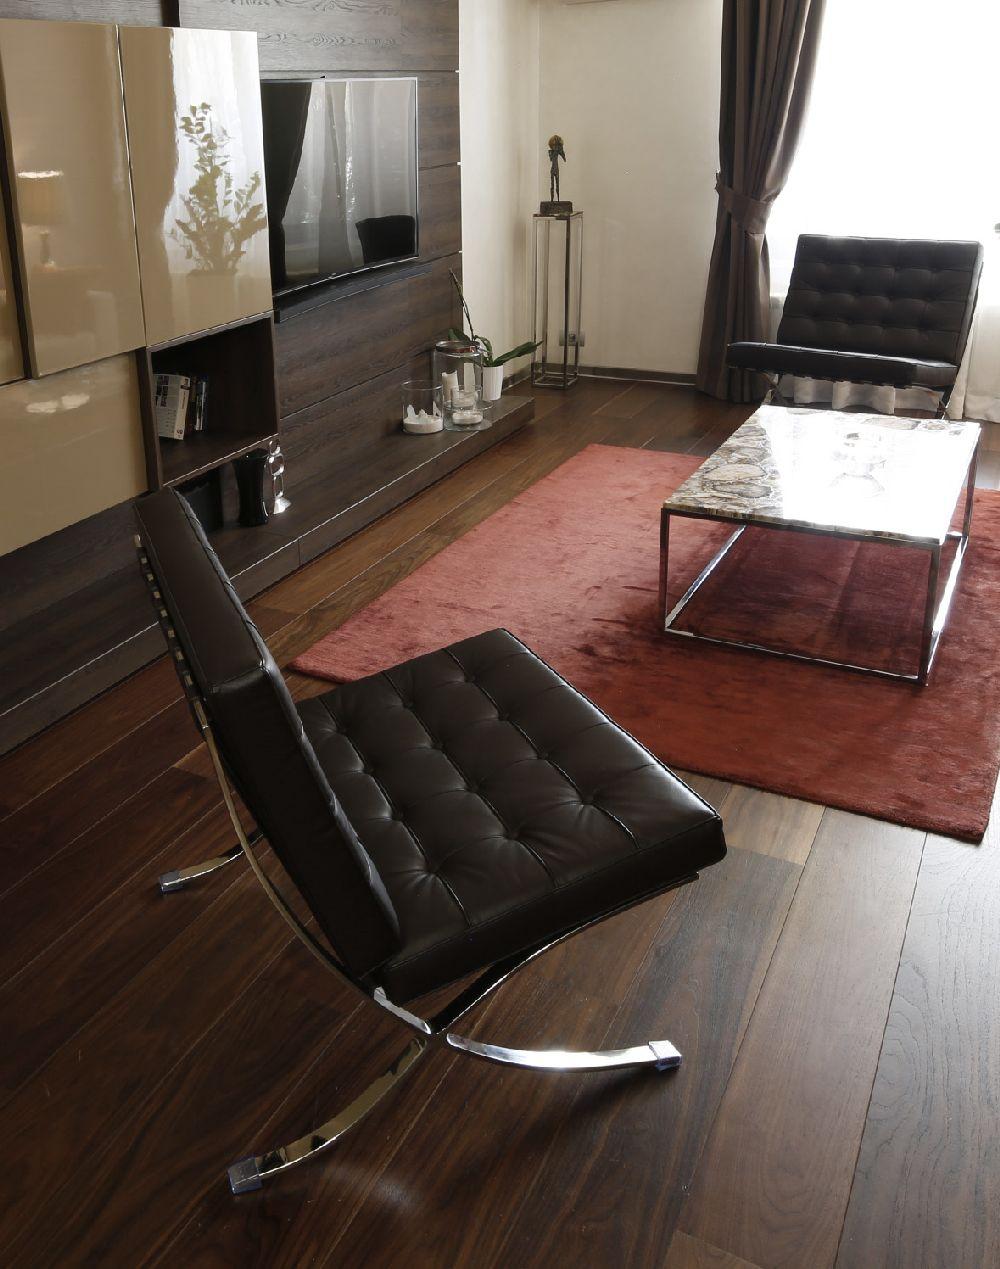 adelaparvu.com despre amenajare lux apartament 2 camere, 55 mp, Bucuresti, design interior arh Claudia Stefanescu, Foto Victor Oancea (4)